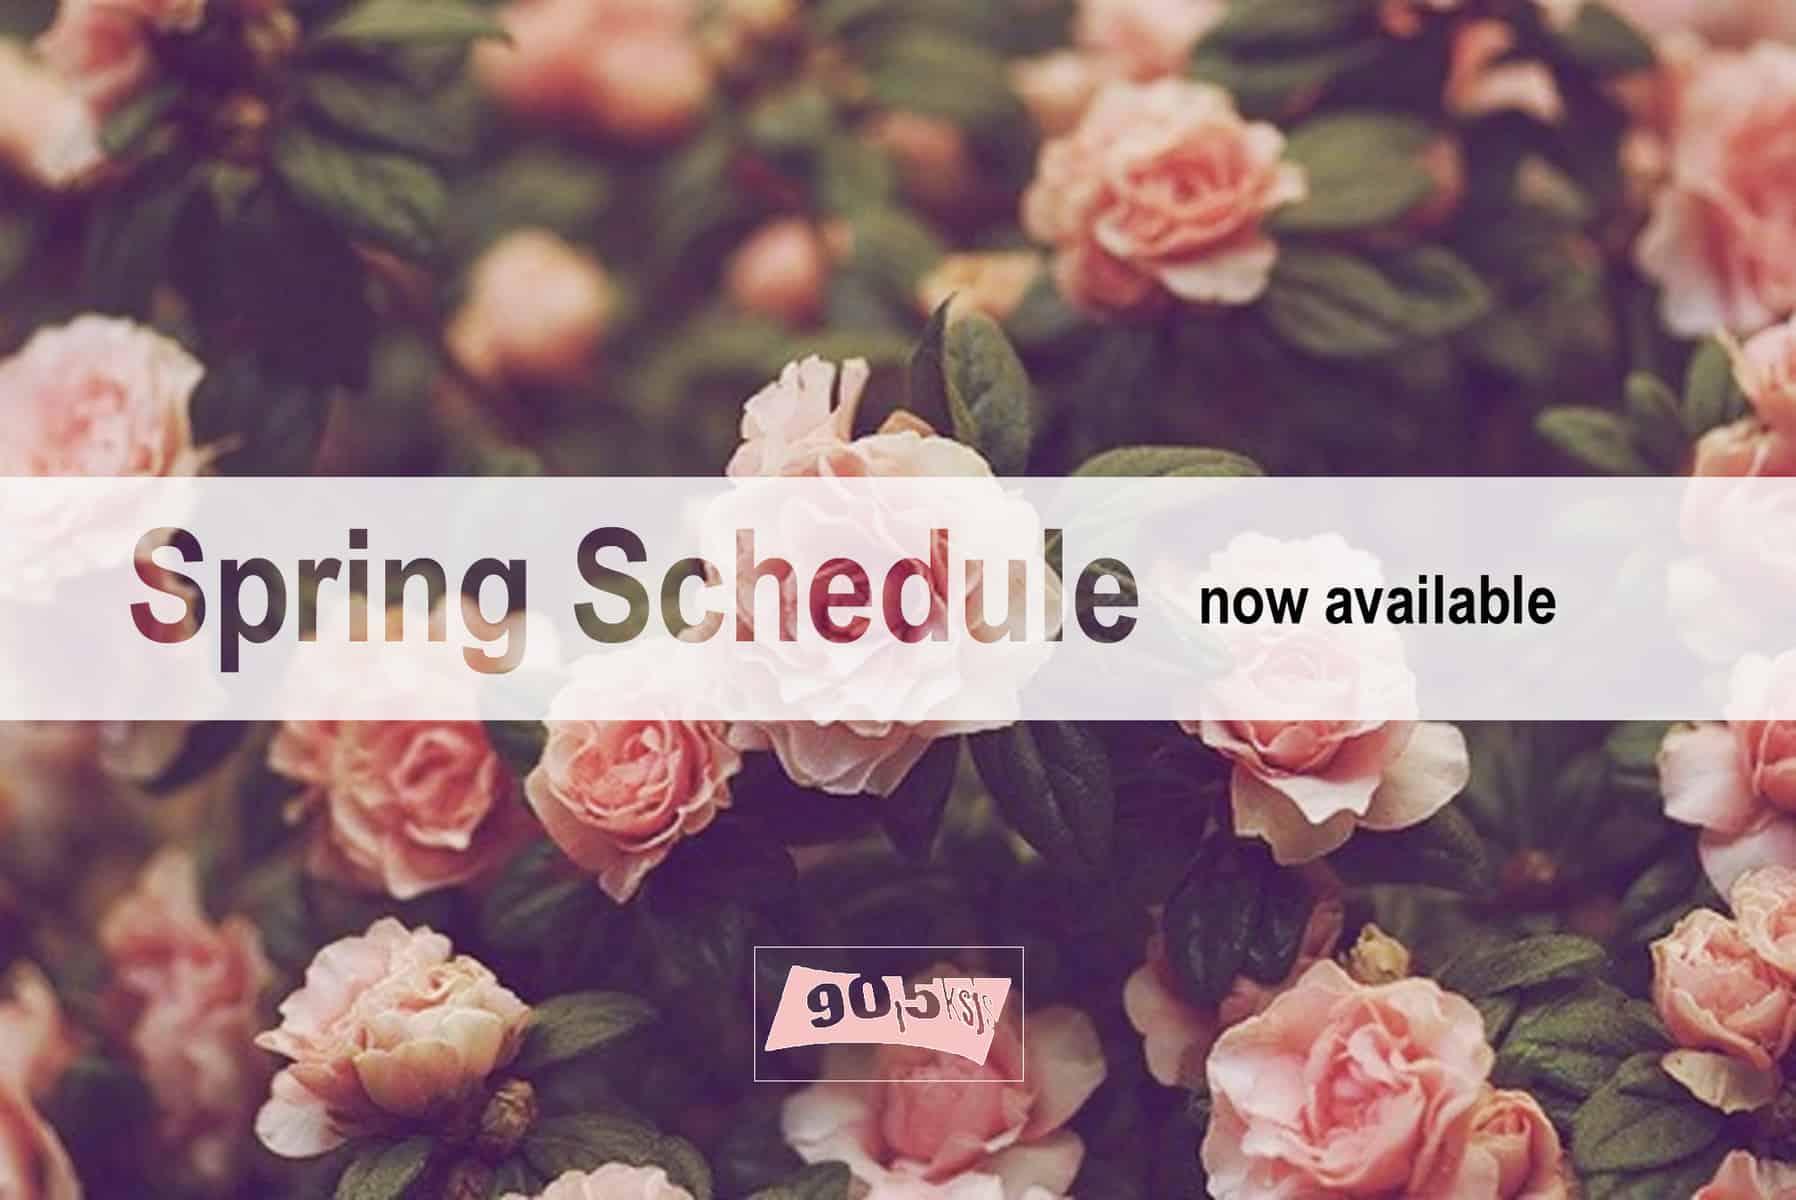 Spring schedule 2015